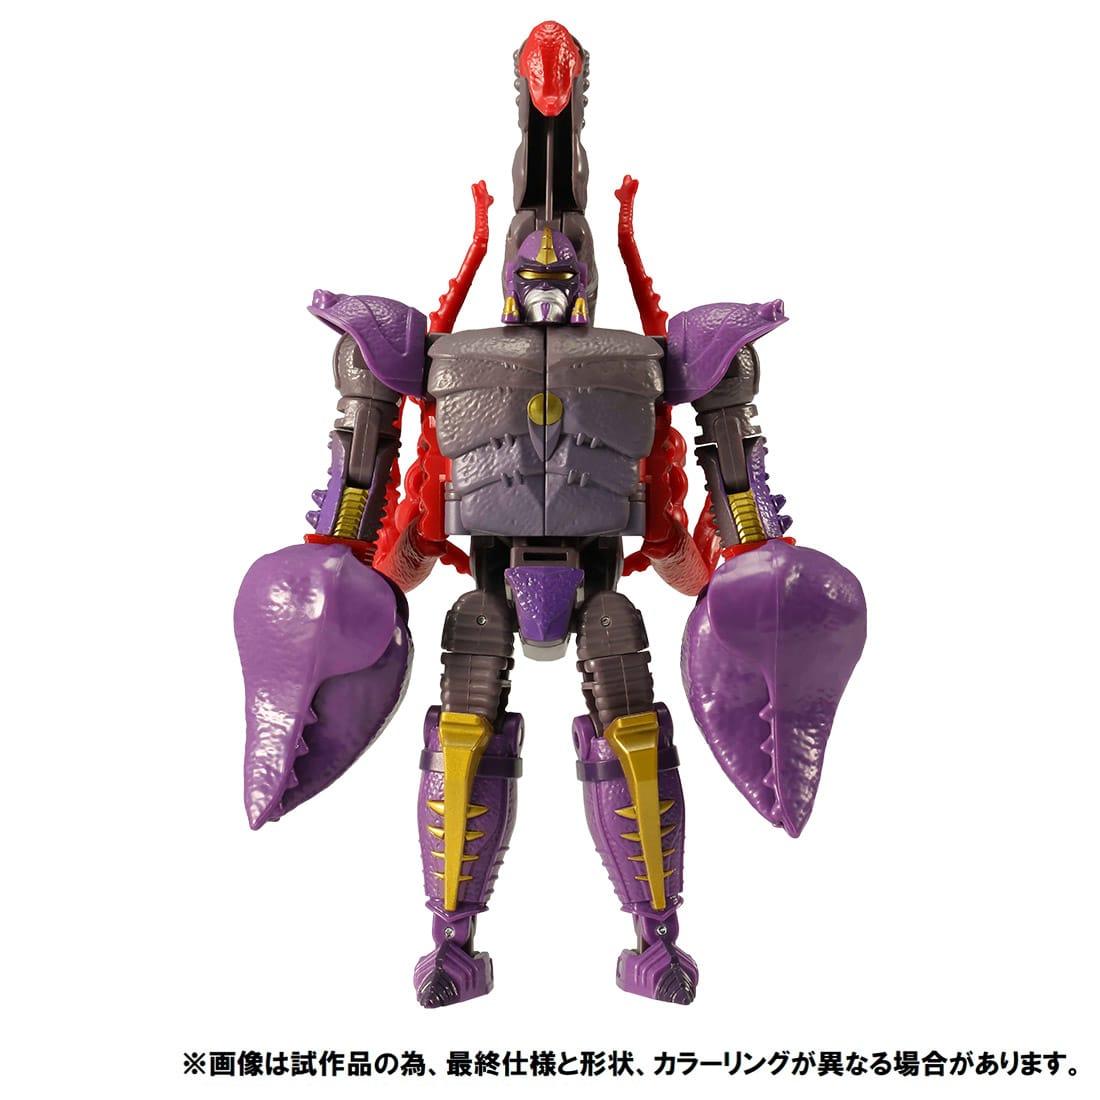 トランスフォーマー キングダム『KD-17 スコルポノック』可変可動フィギュア-006